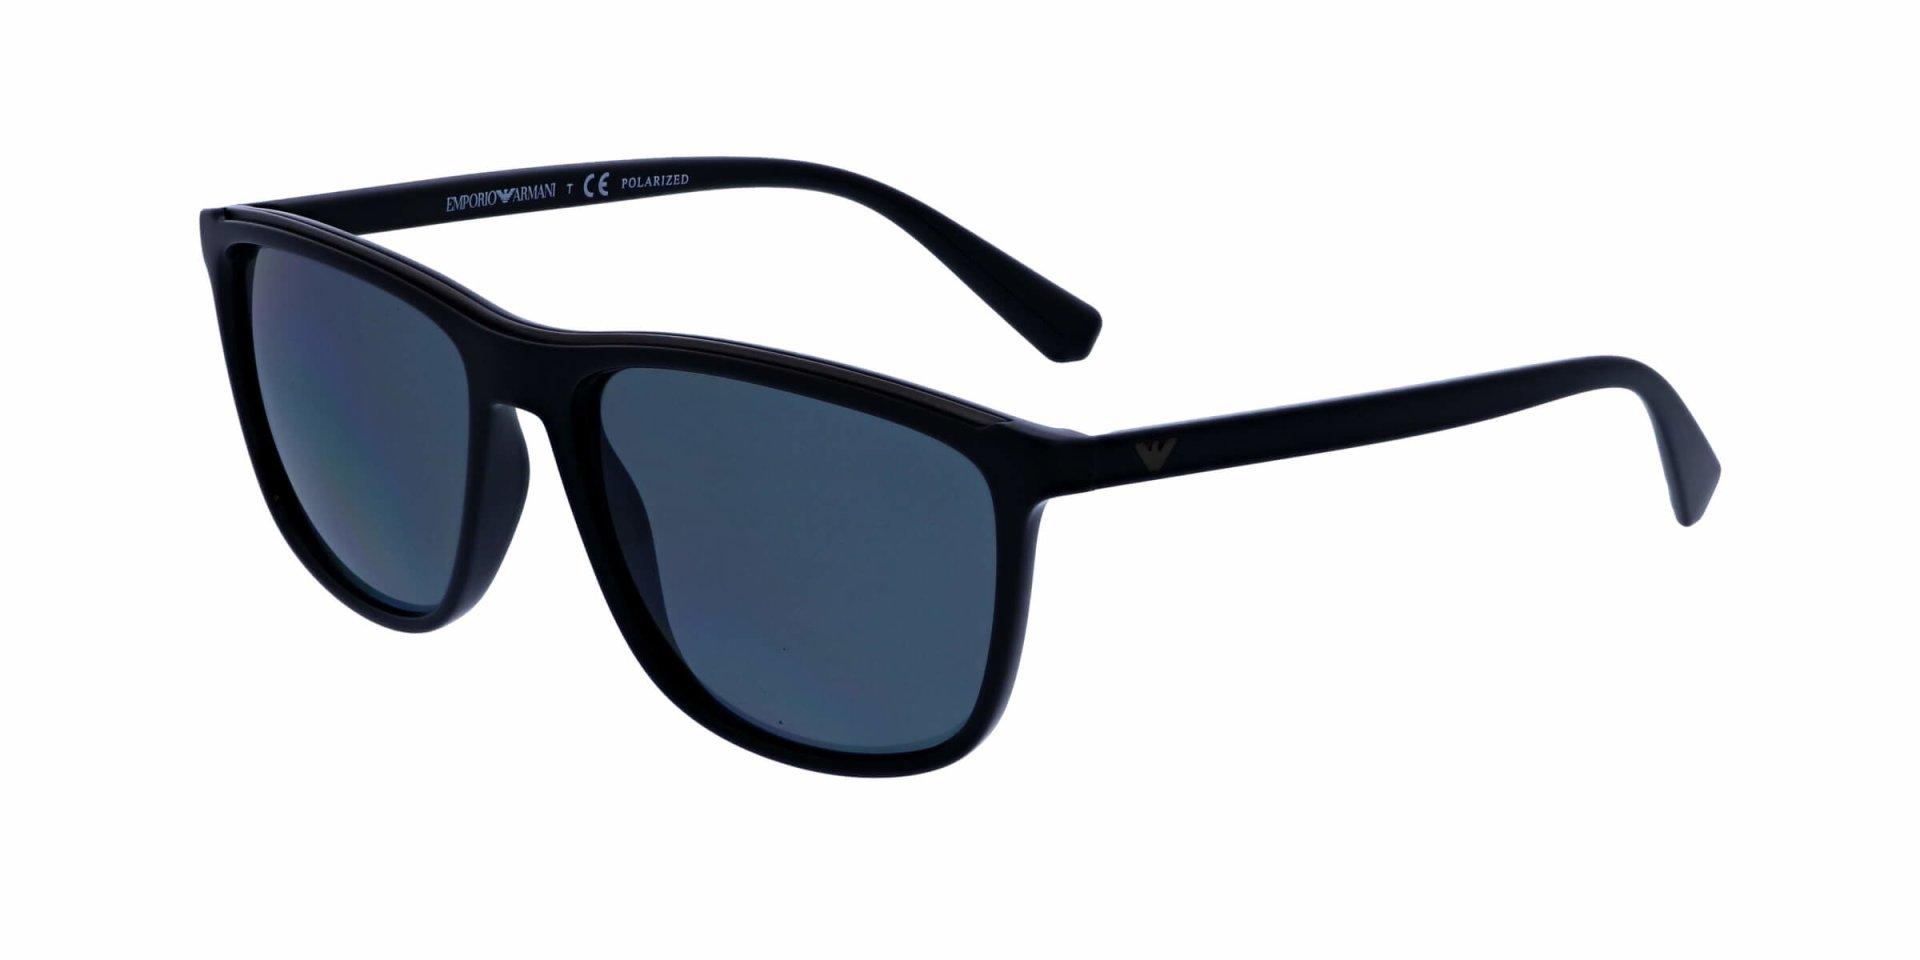 Sunglasses EMPORIO ARMANI  1556023f48